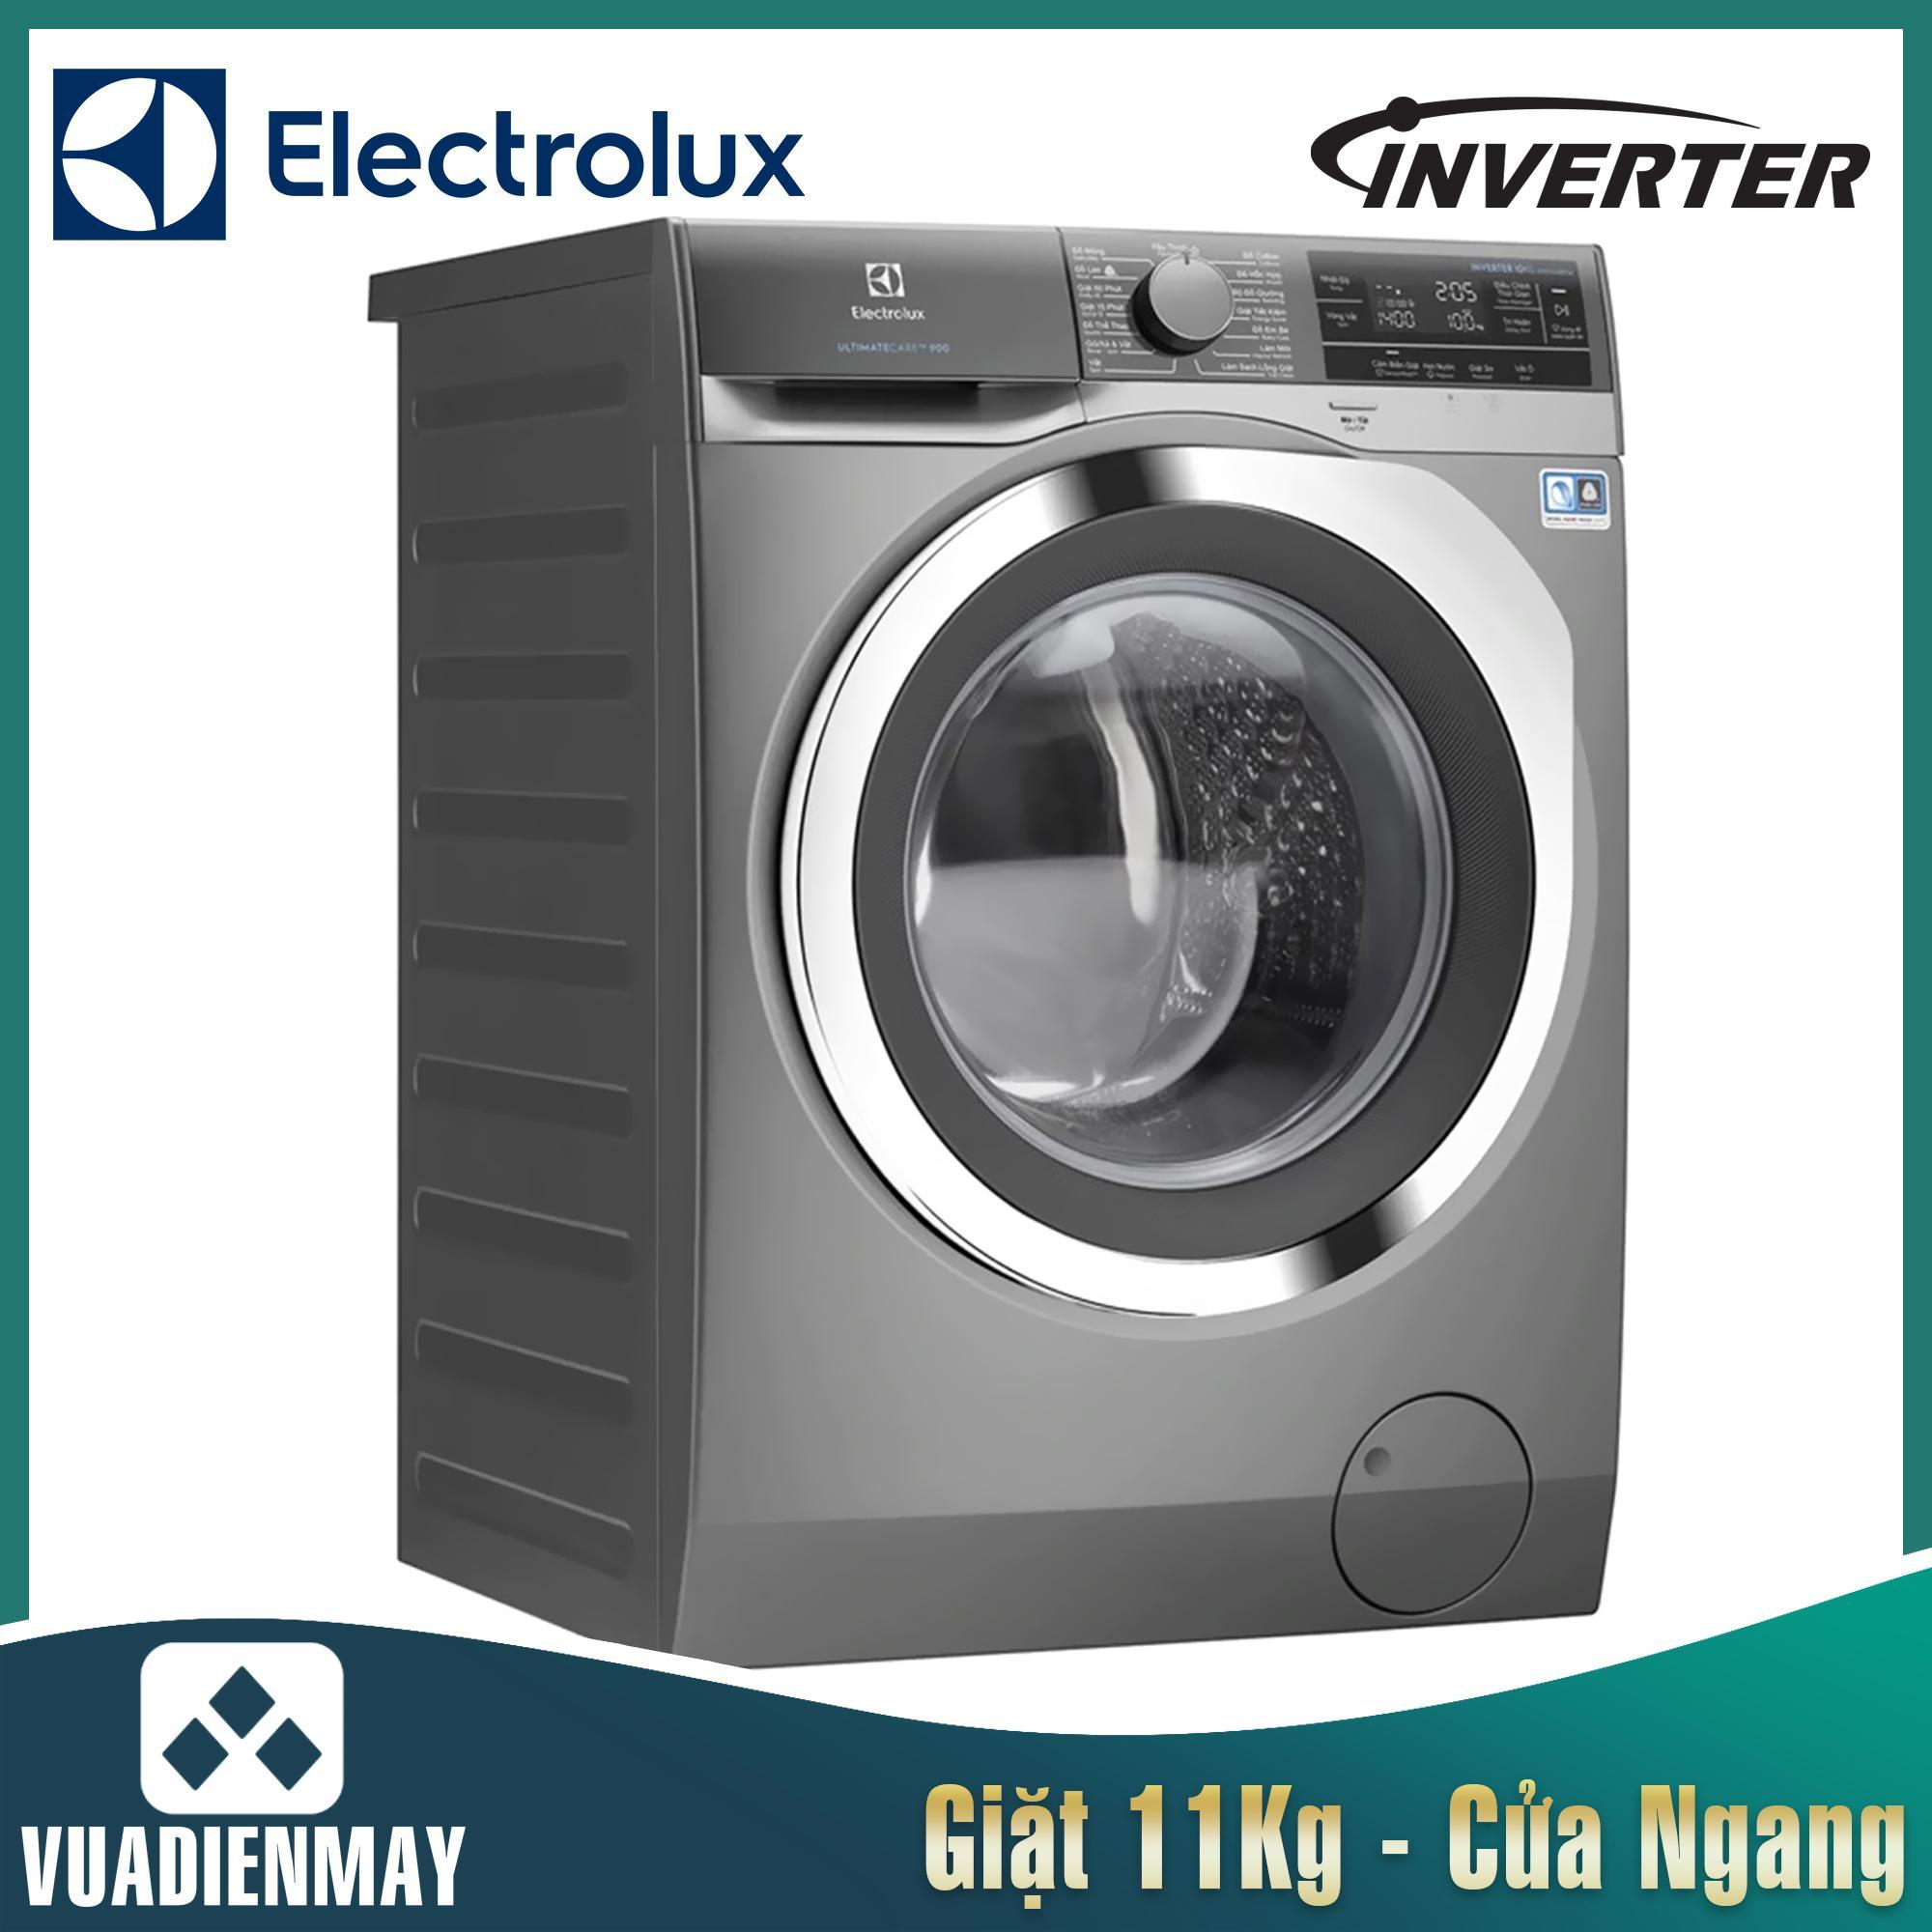 Máy giặt Electrolux 11 kg inverter lồng ngang 1142